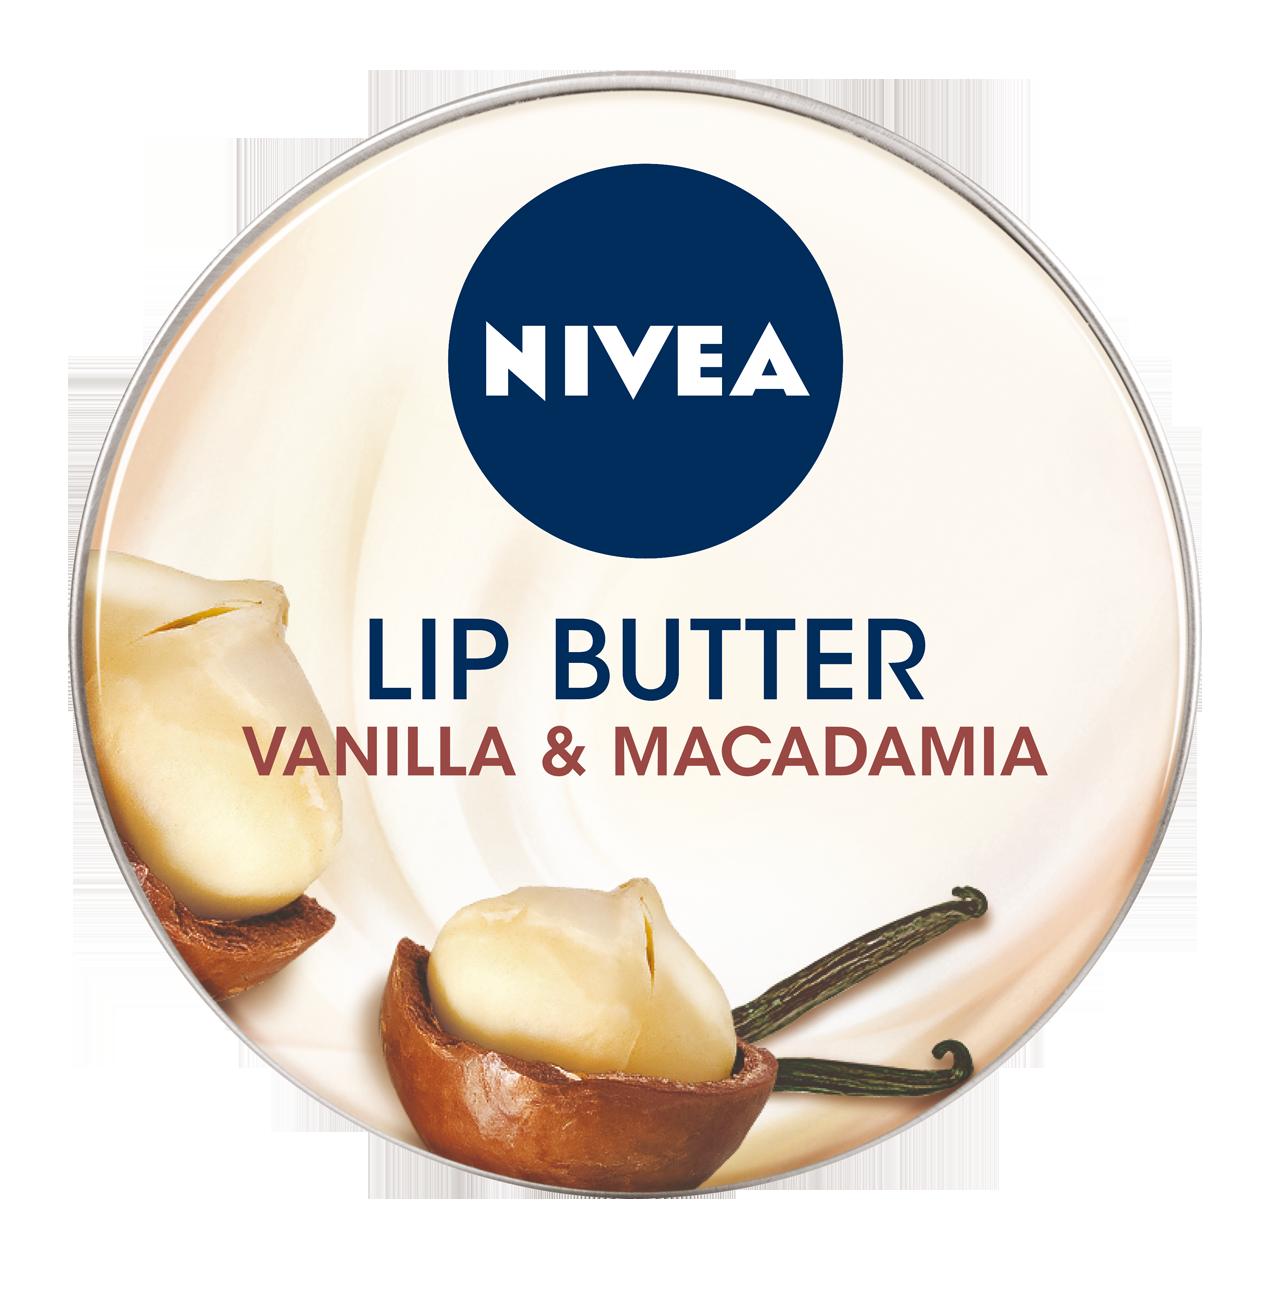 Lip Butter, les nouvelles petites boîtes rondes de Nivea